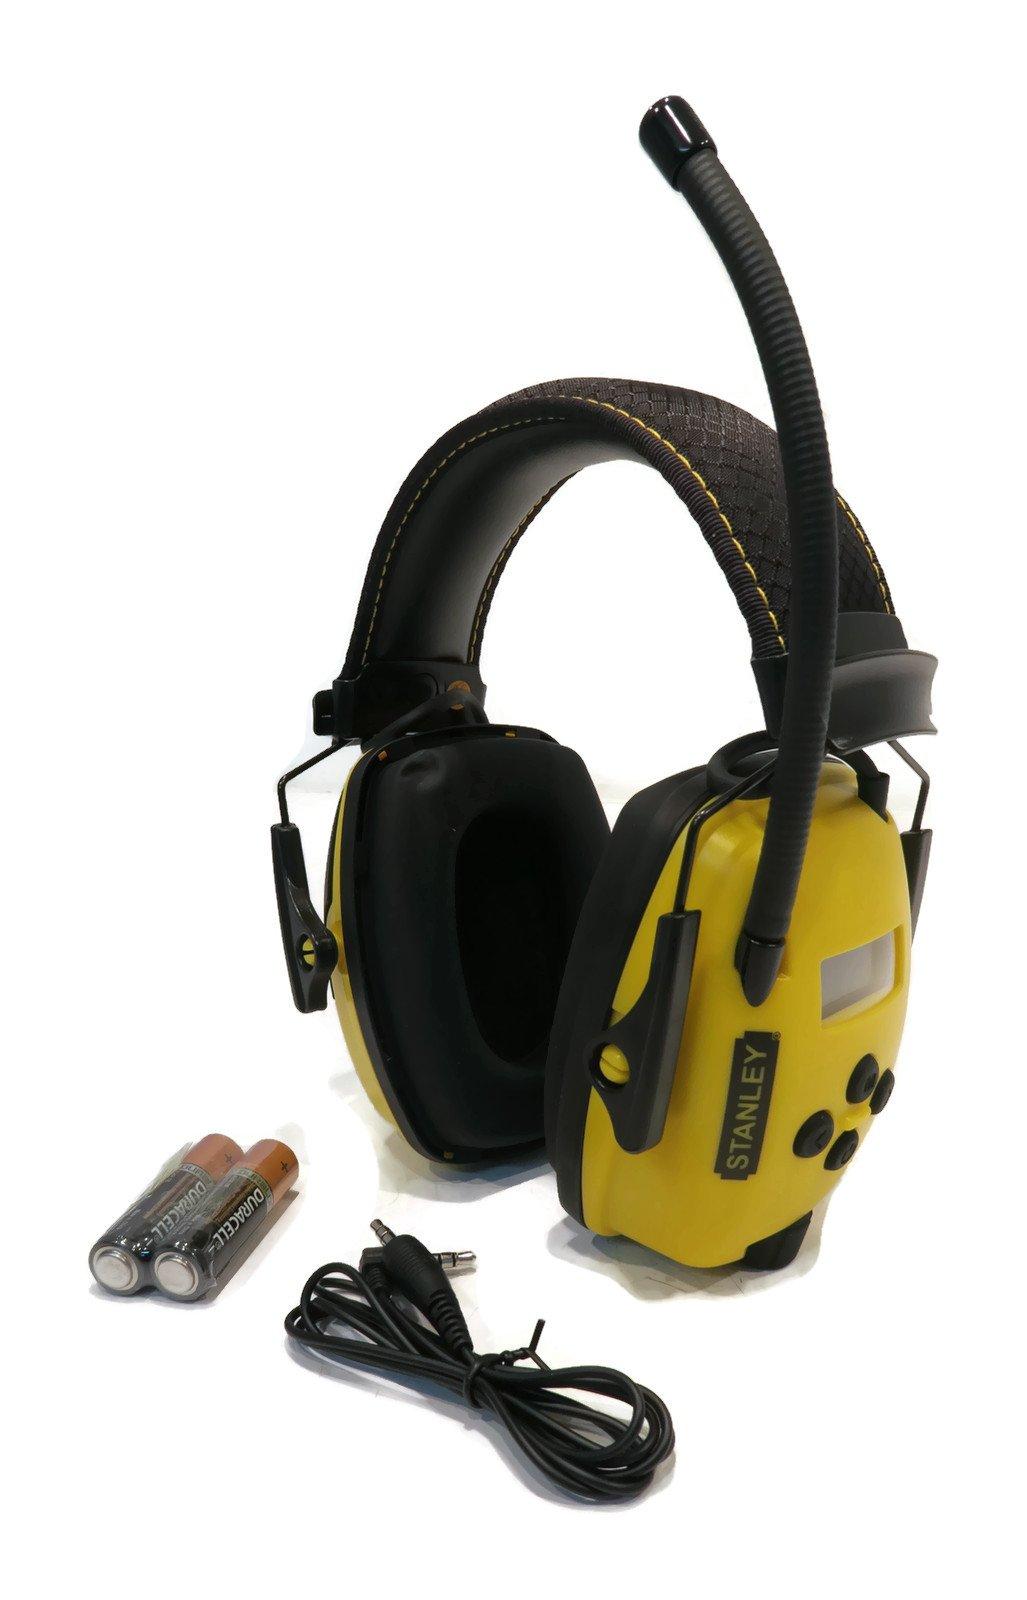 Stanley Sync Digital AM/FM/MP3 Radio Earmuff (RST-63012) by Stanley (Image #1)